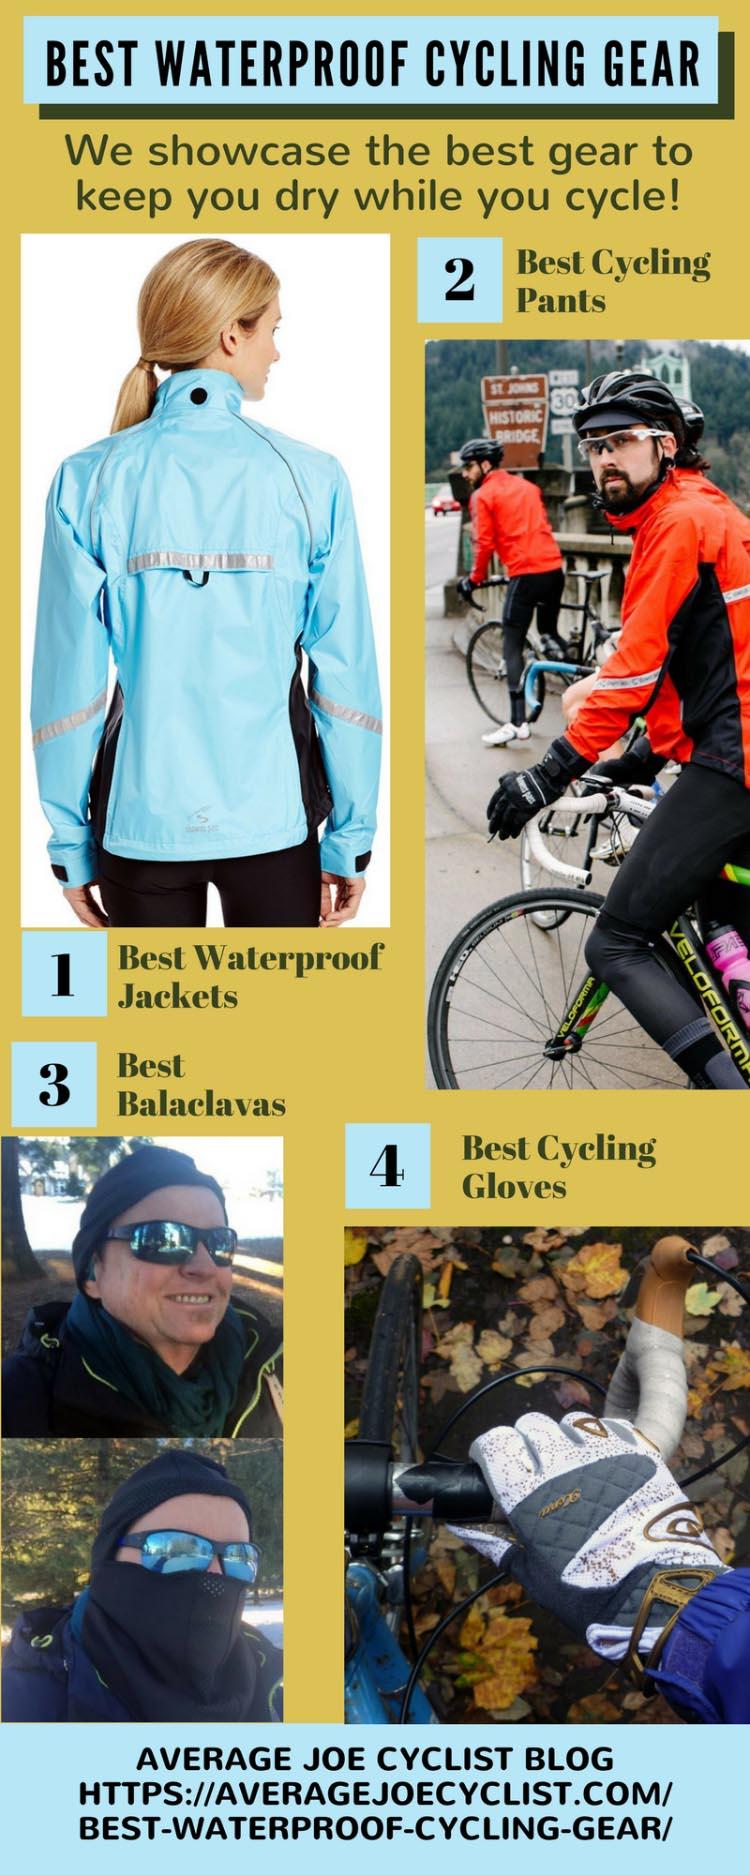 Best Waterproof cycling gear